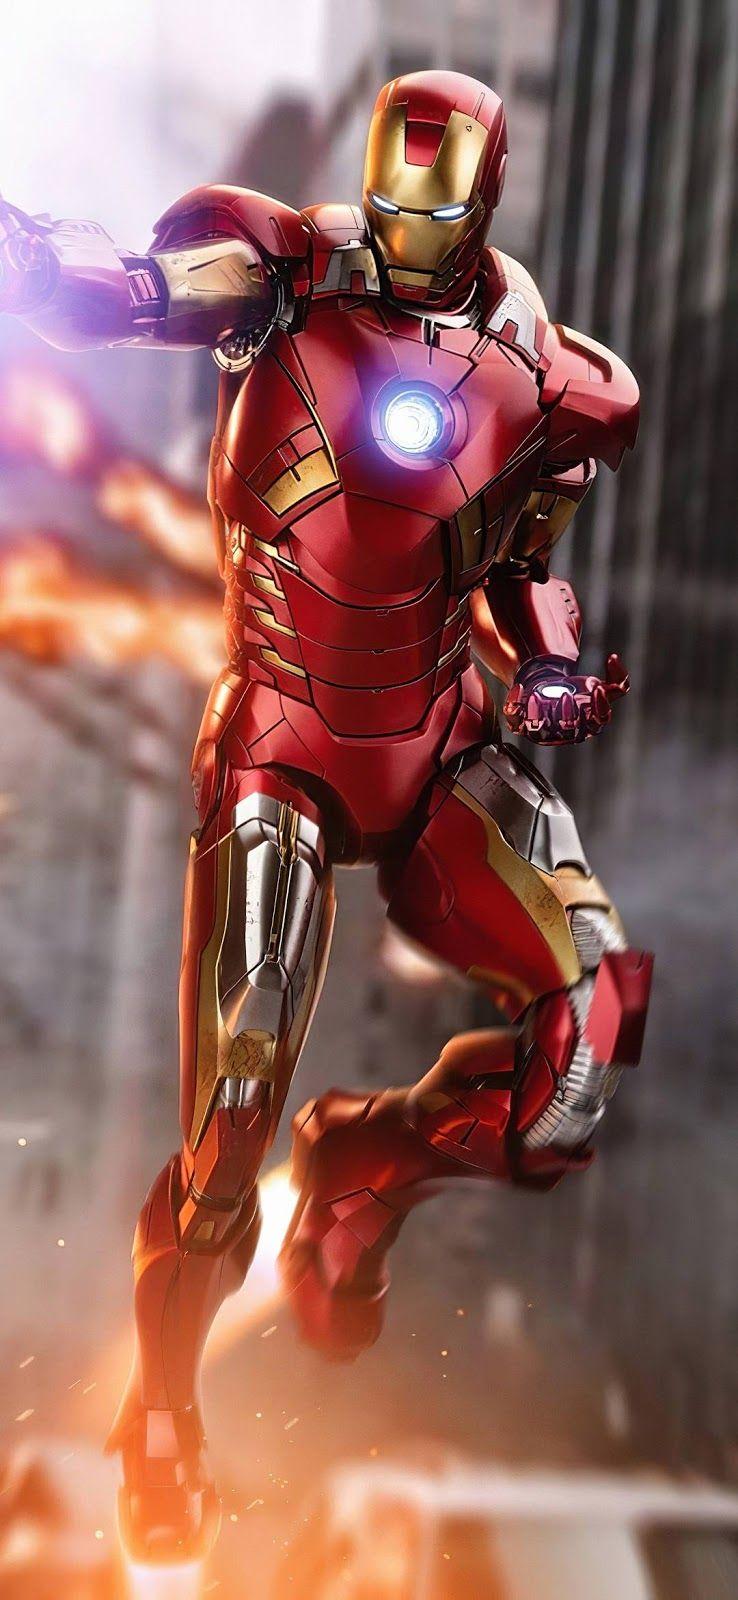 Pin By Ikra Mijan On Marvel Comics In 2020 Iron Man Wallpaper Iron Man Art Marvel Comics Wallpaper Ultra hd iphone ultra hd iron man